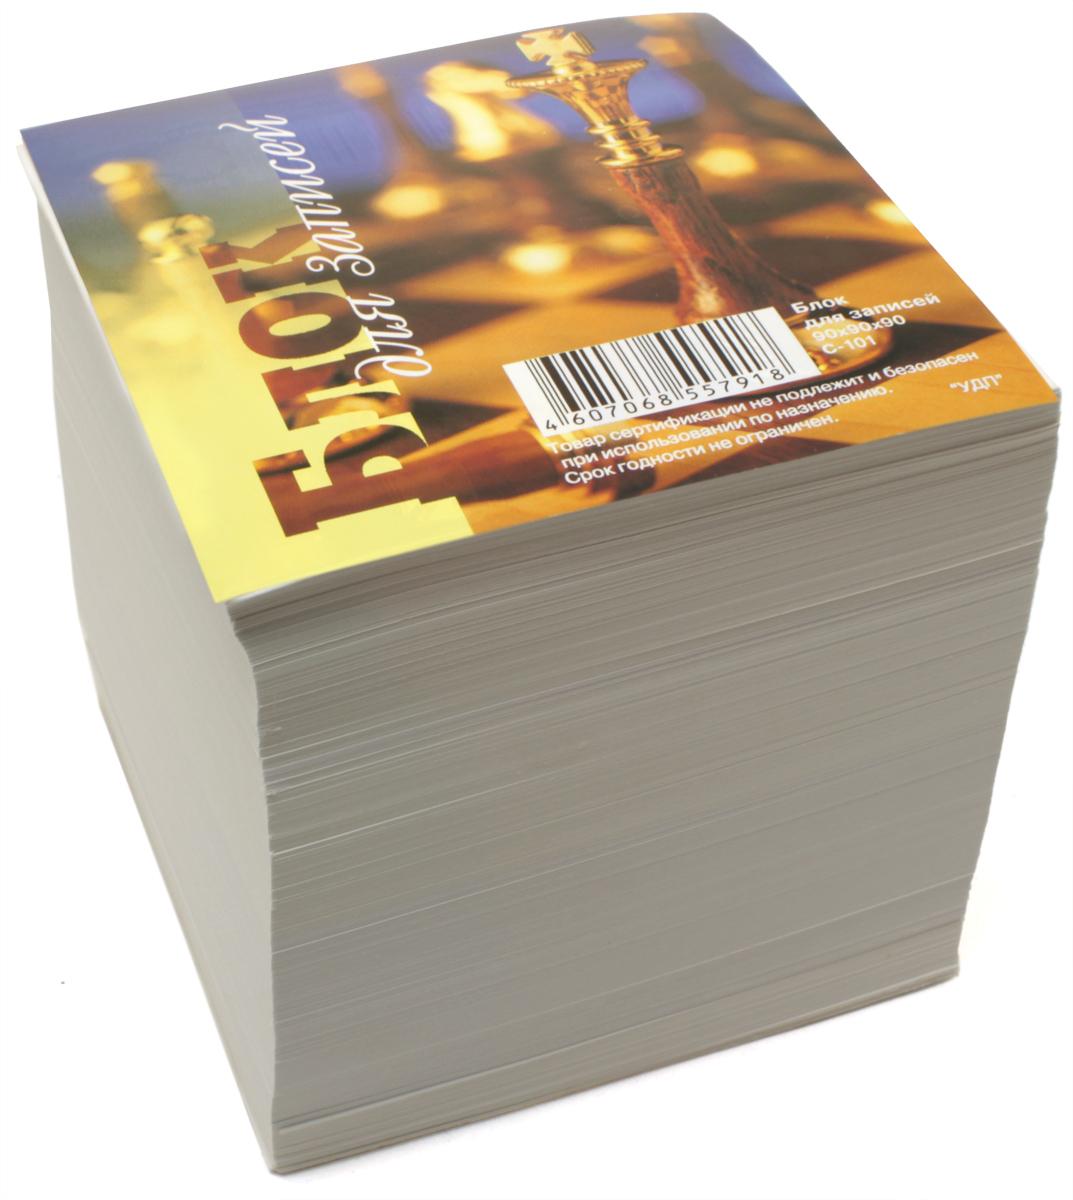 Ульяновский Дом печати Блок для записей цвет белый С-101 С-042DJ-1002 DecomaniaБумага для записей Ульяновский Дом печати - практичное решение для оперативной записи информации в офисе или дома. Блок состоит из листов белой бумаги на склейке.